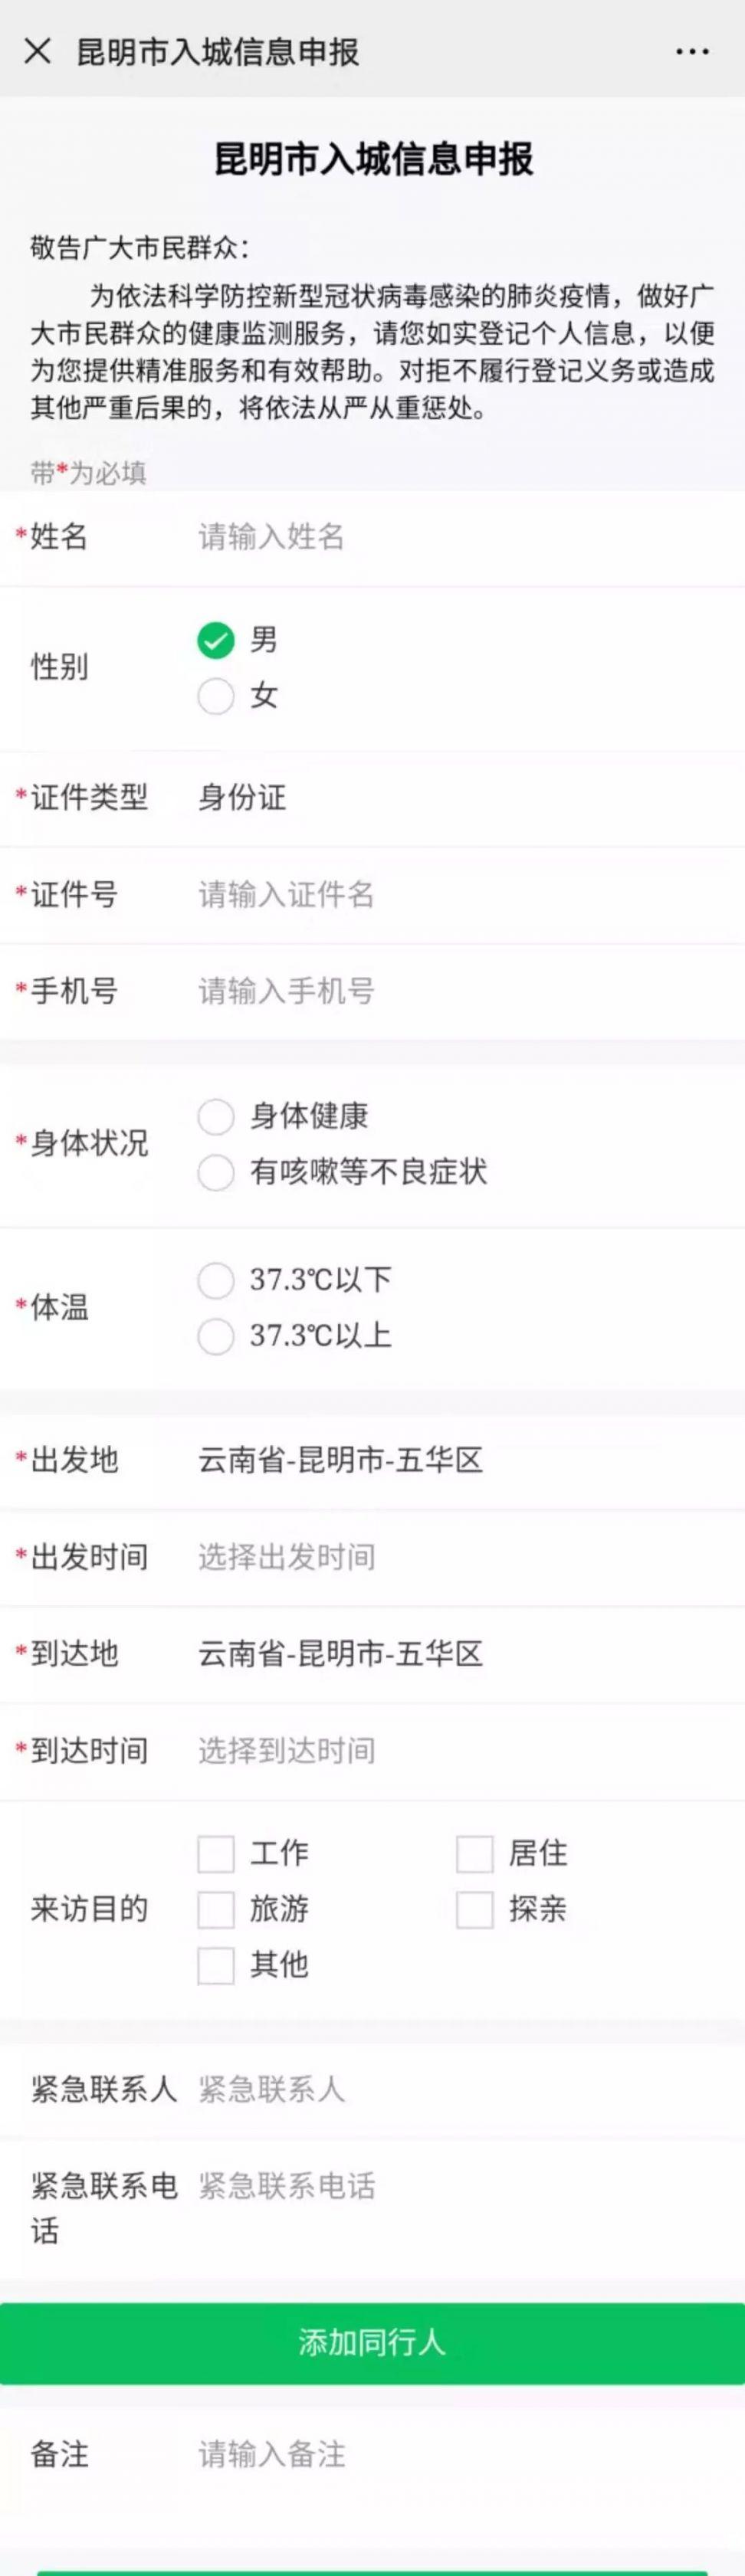 2020昆明入城信息申报指南(流程 时间 入口)